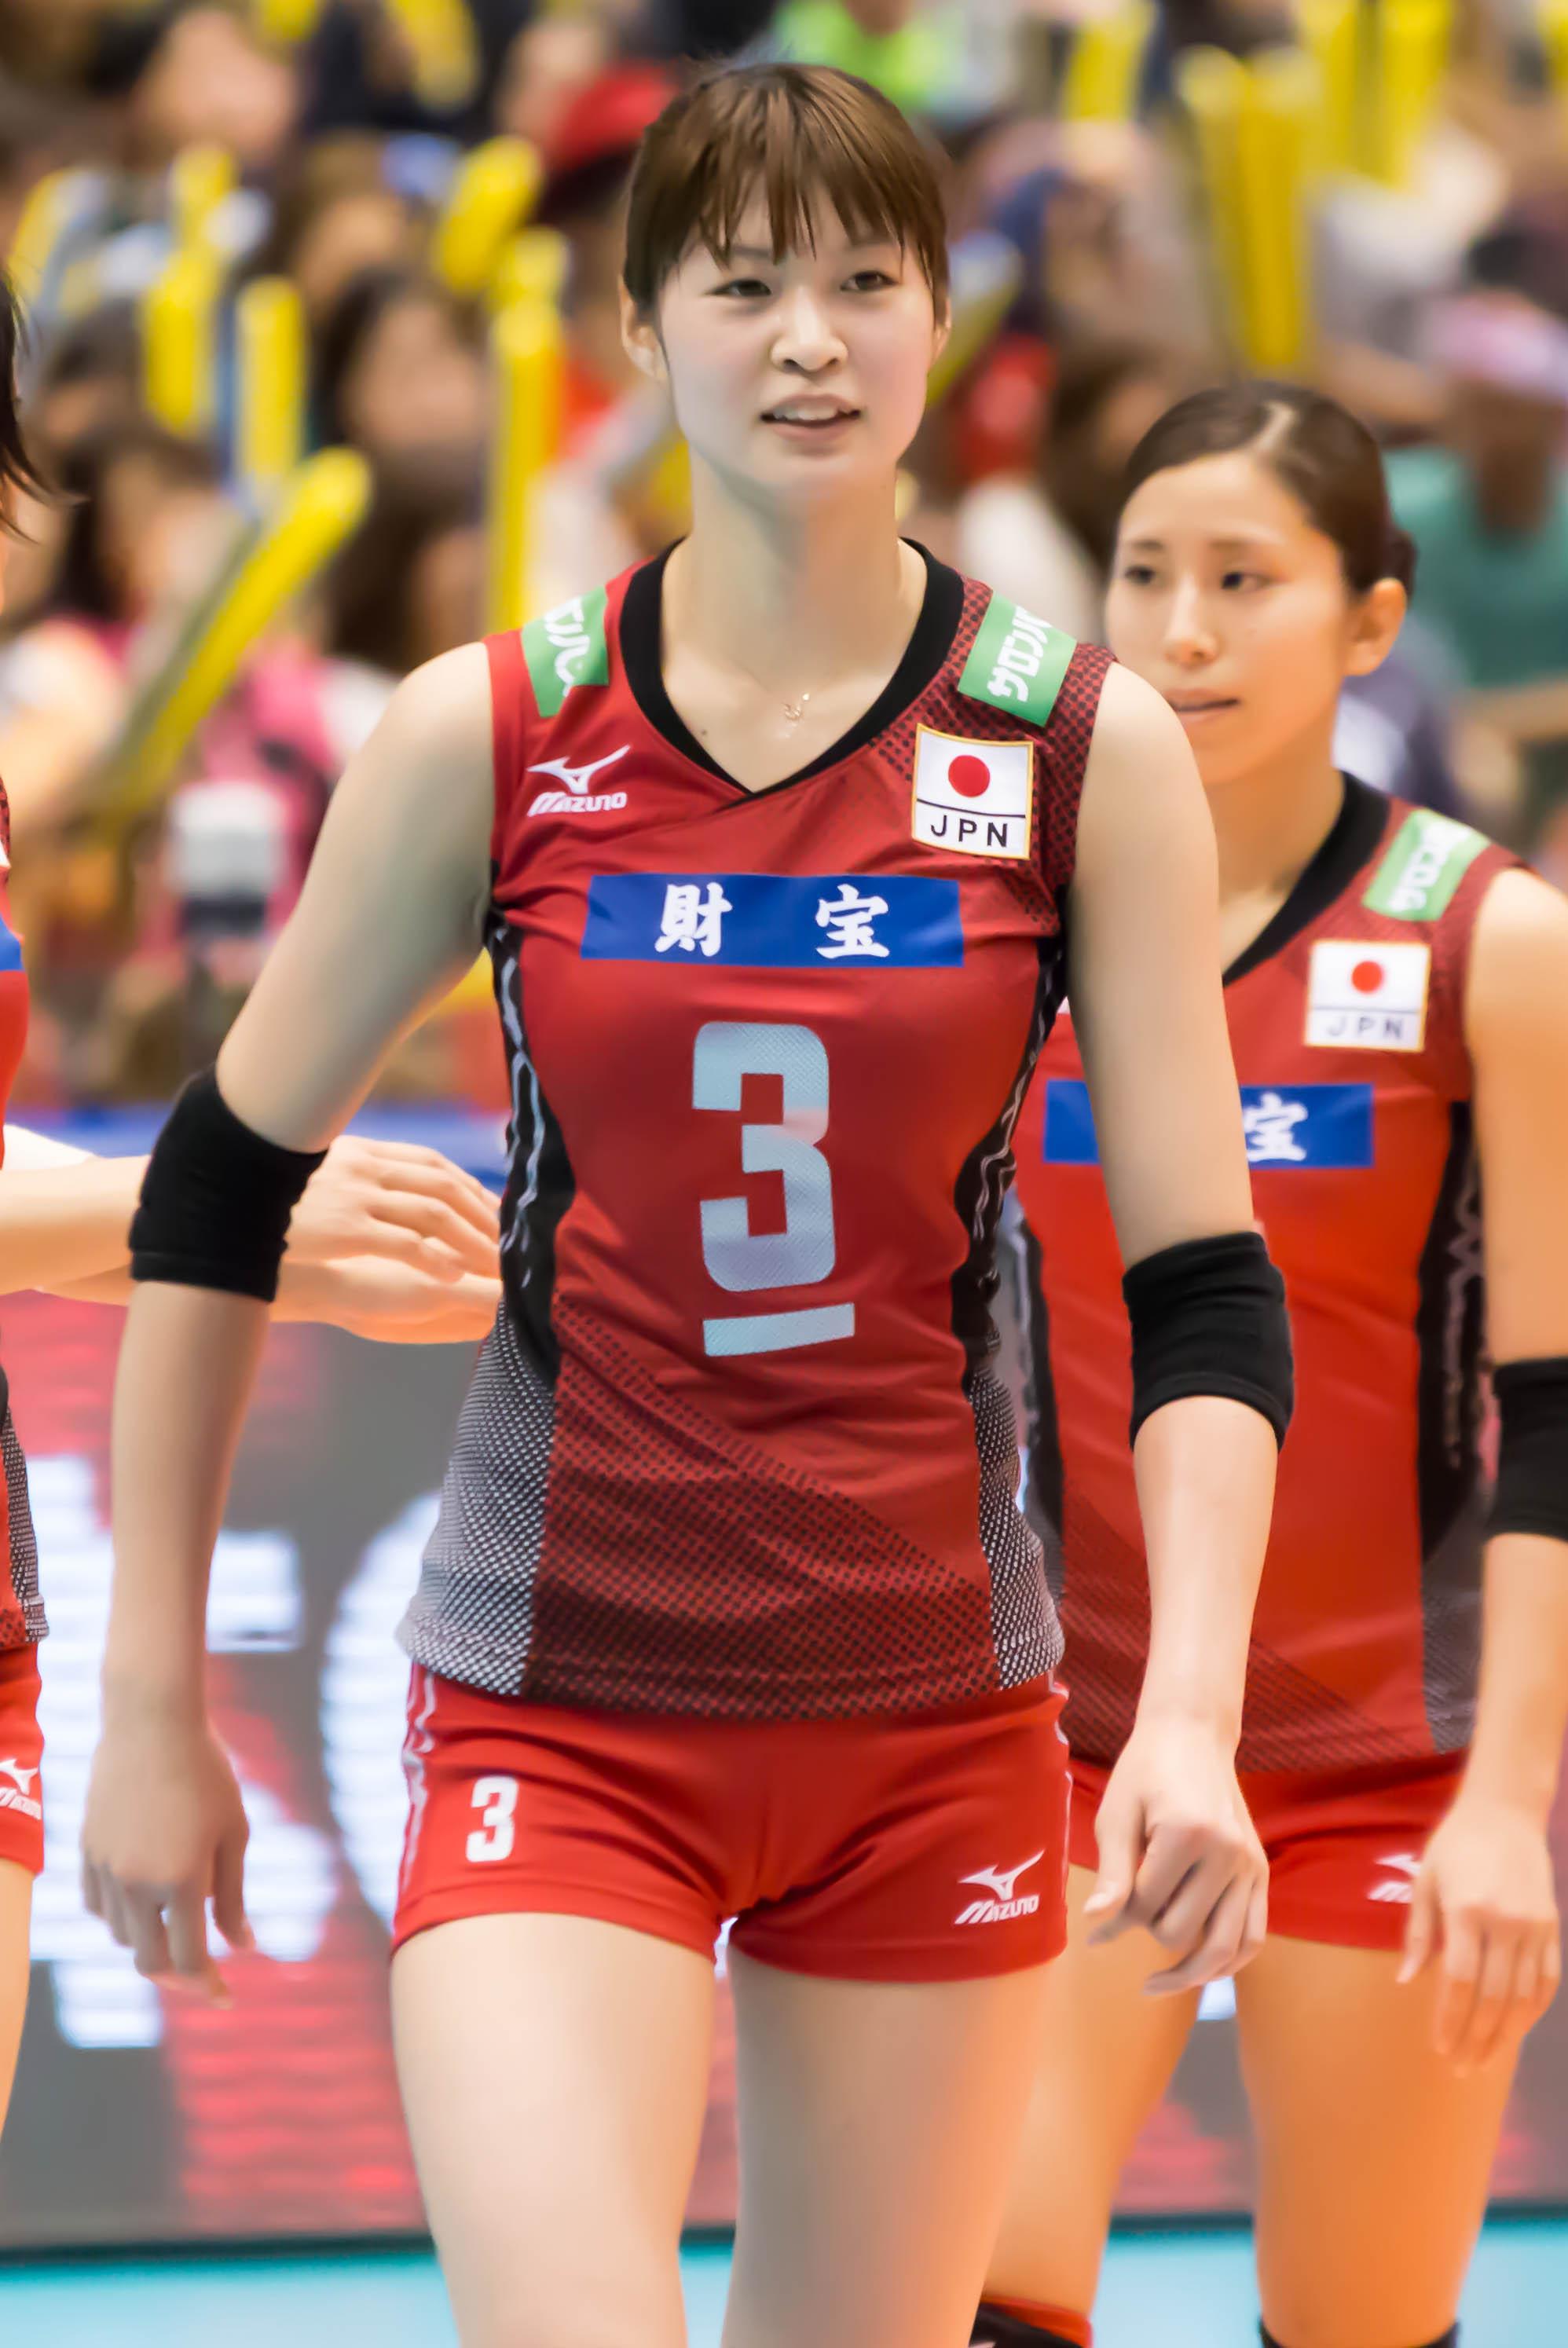 木村沙織選手 Flickr Photo Sharing